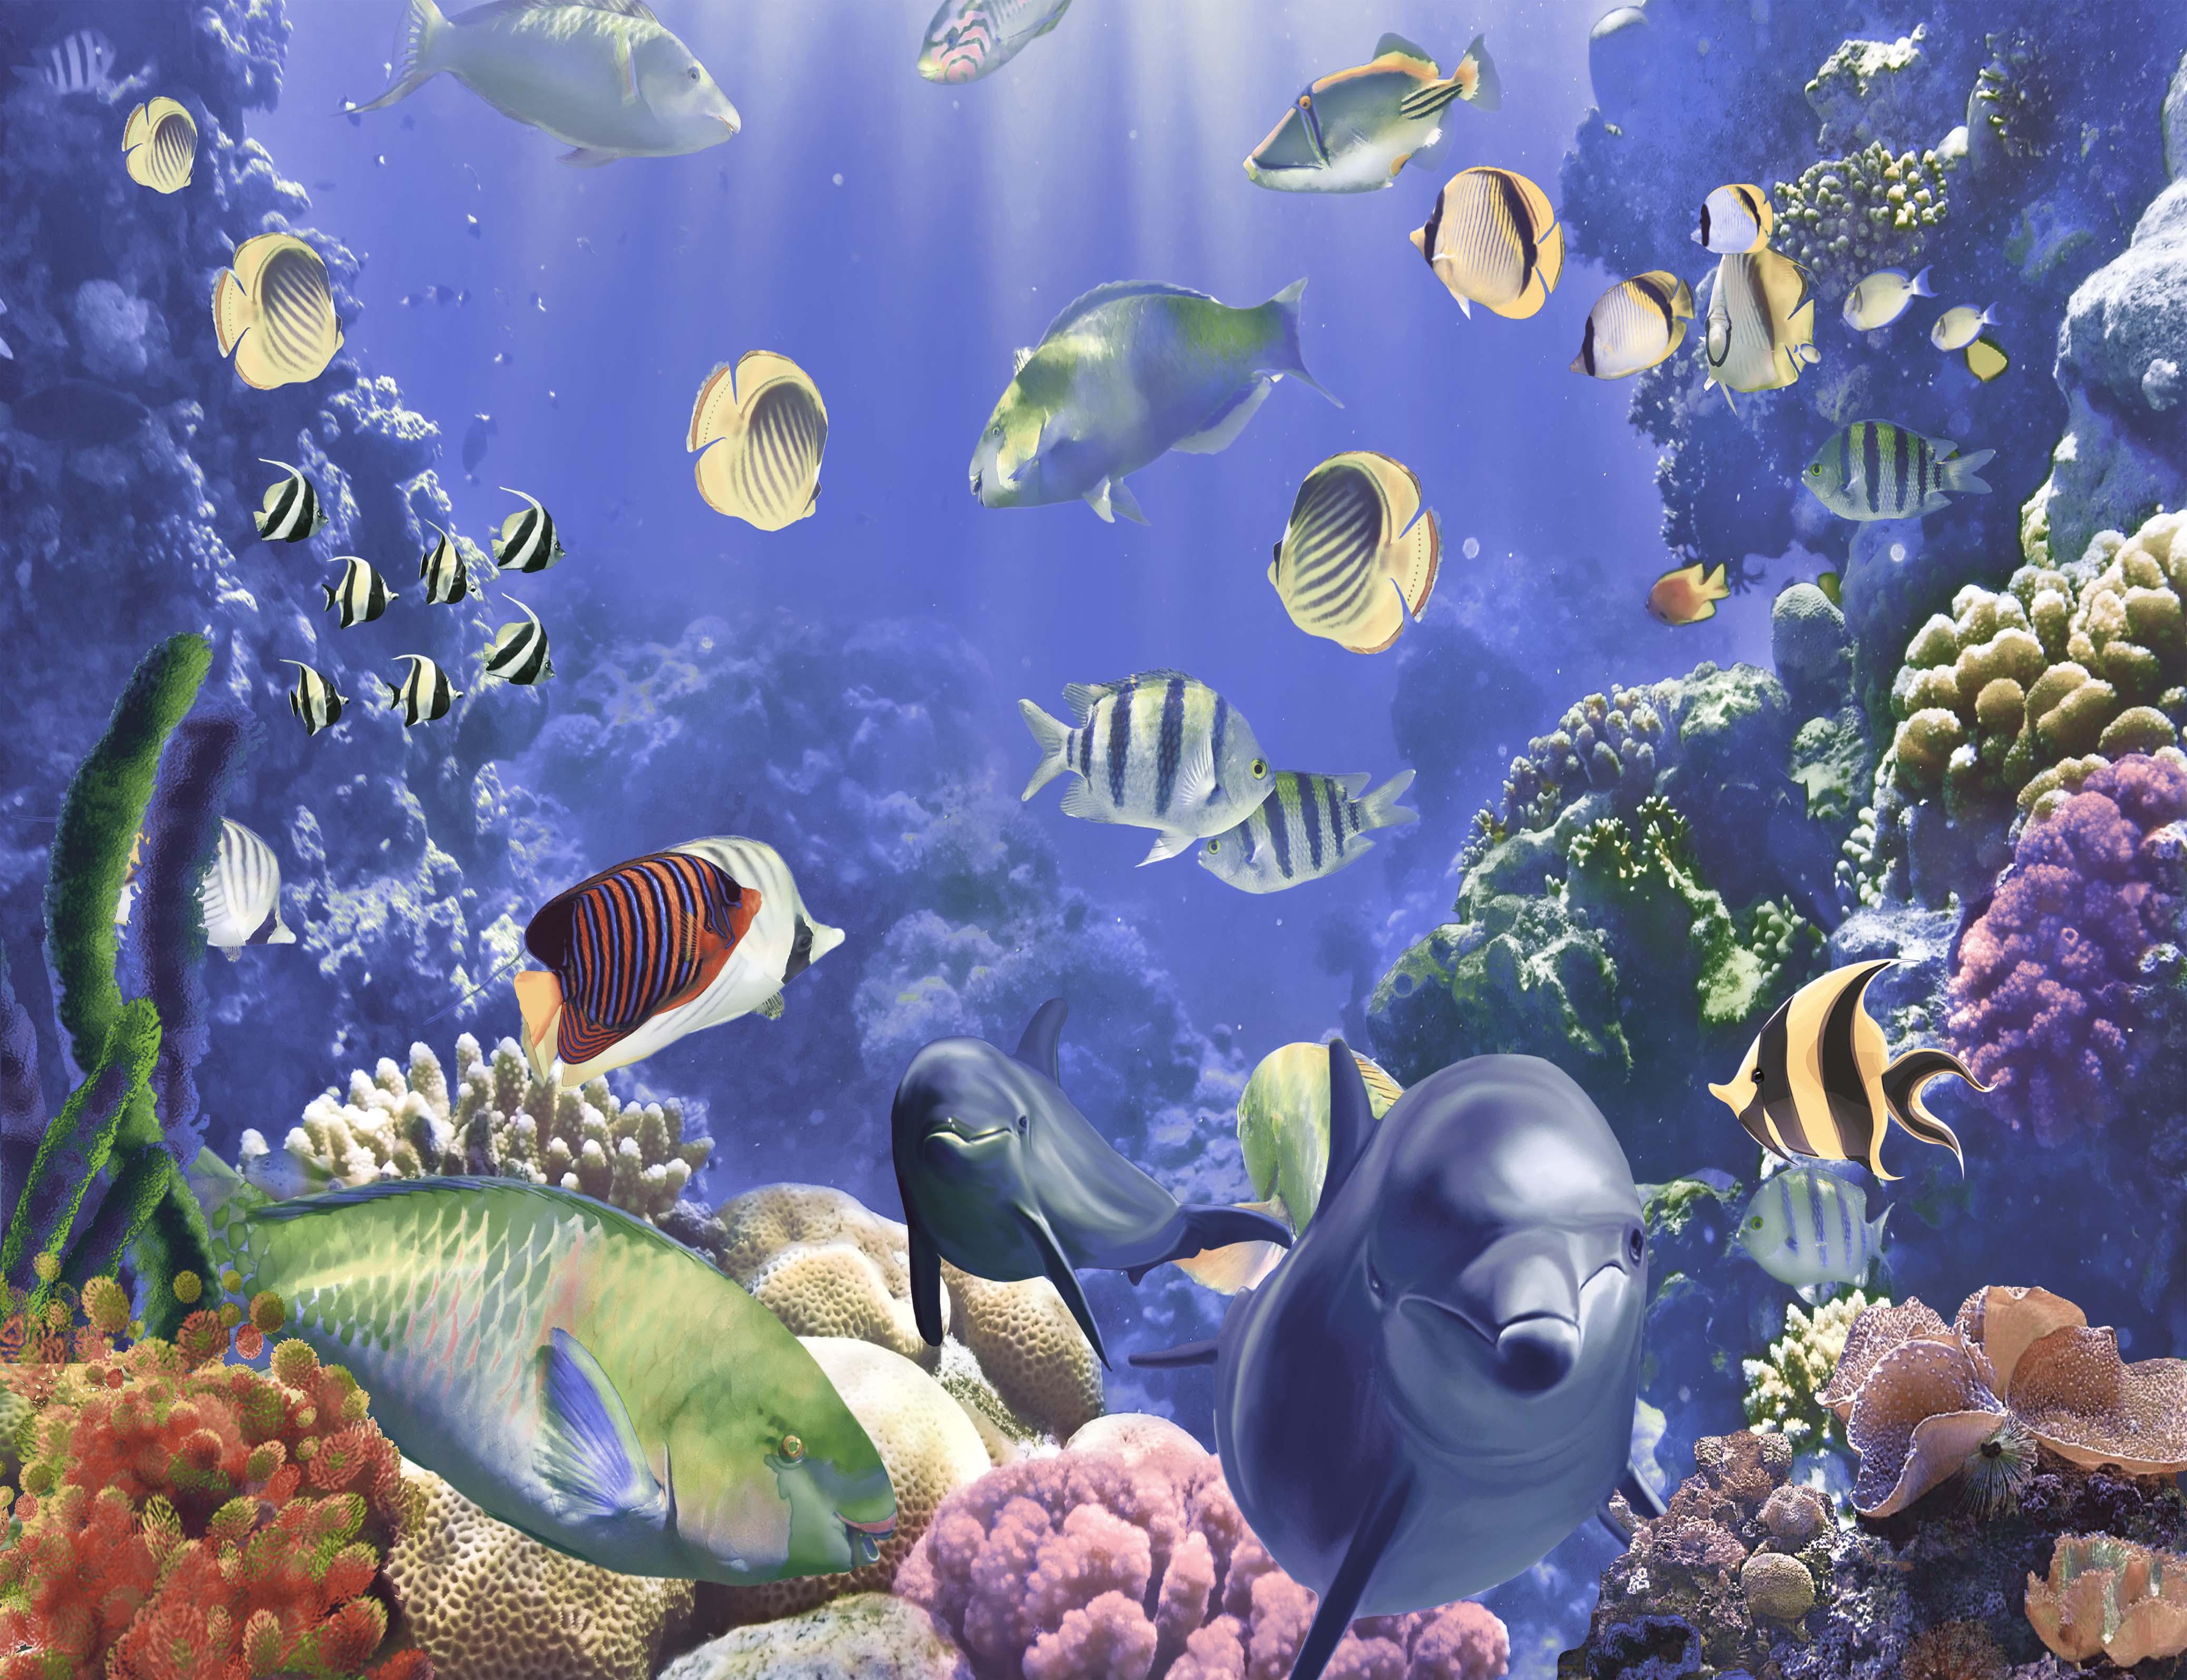 风景桌面壁纸海洋世界图片大全_风景桌面壁纸海洋